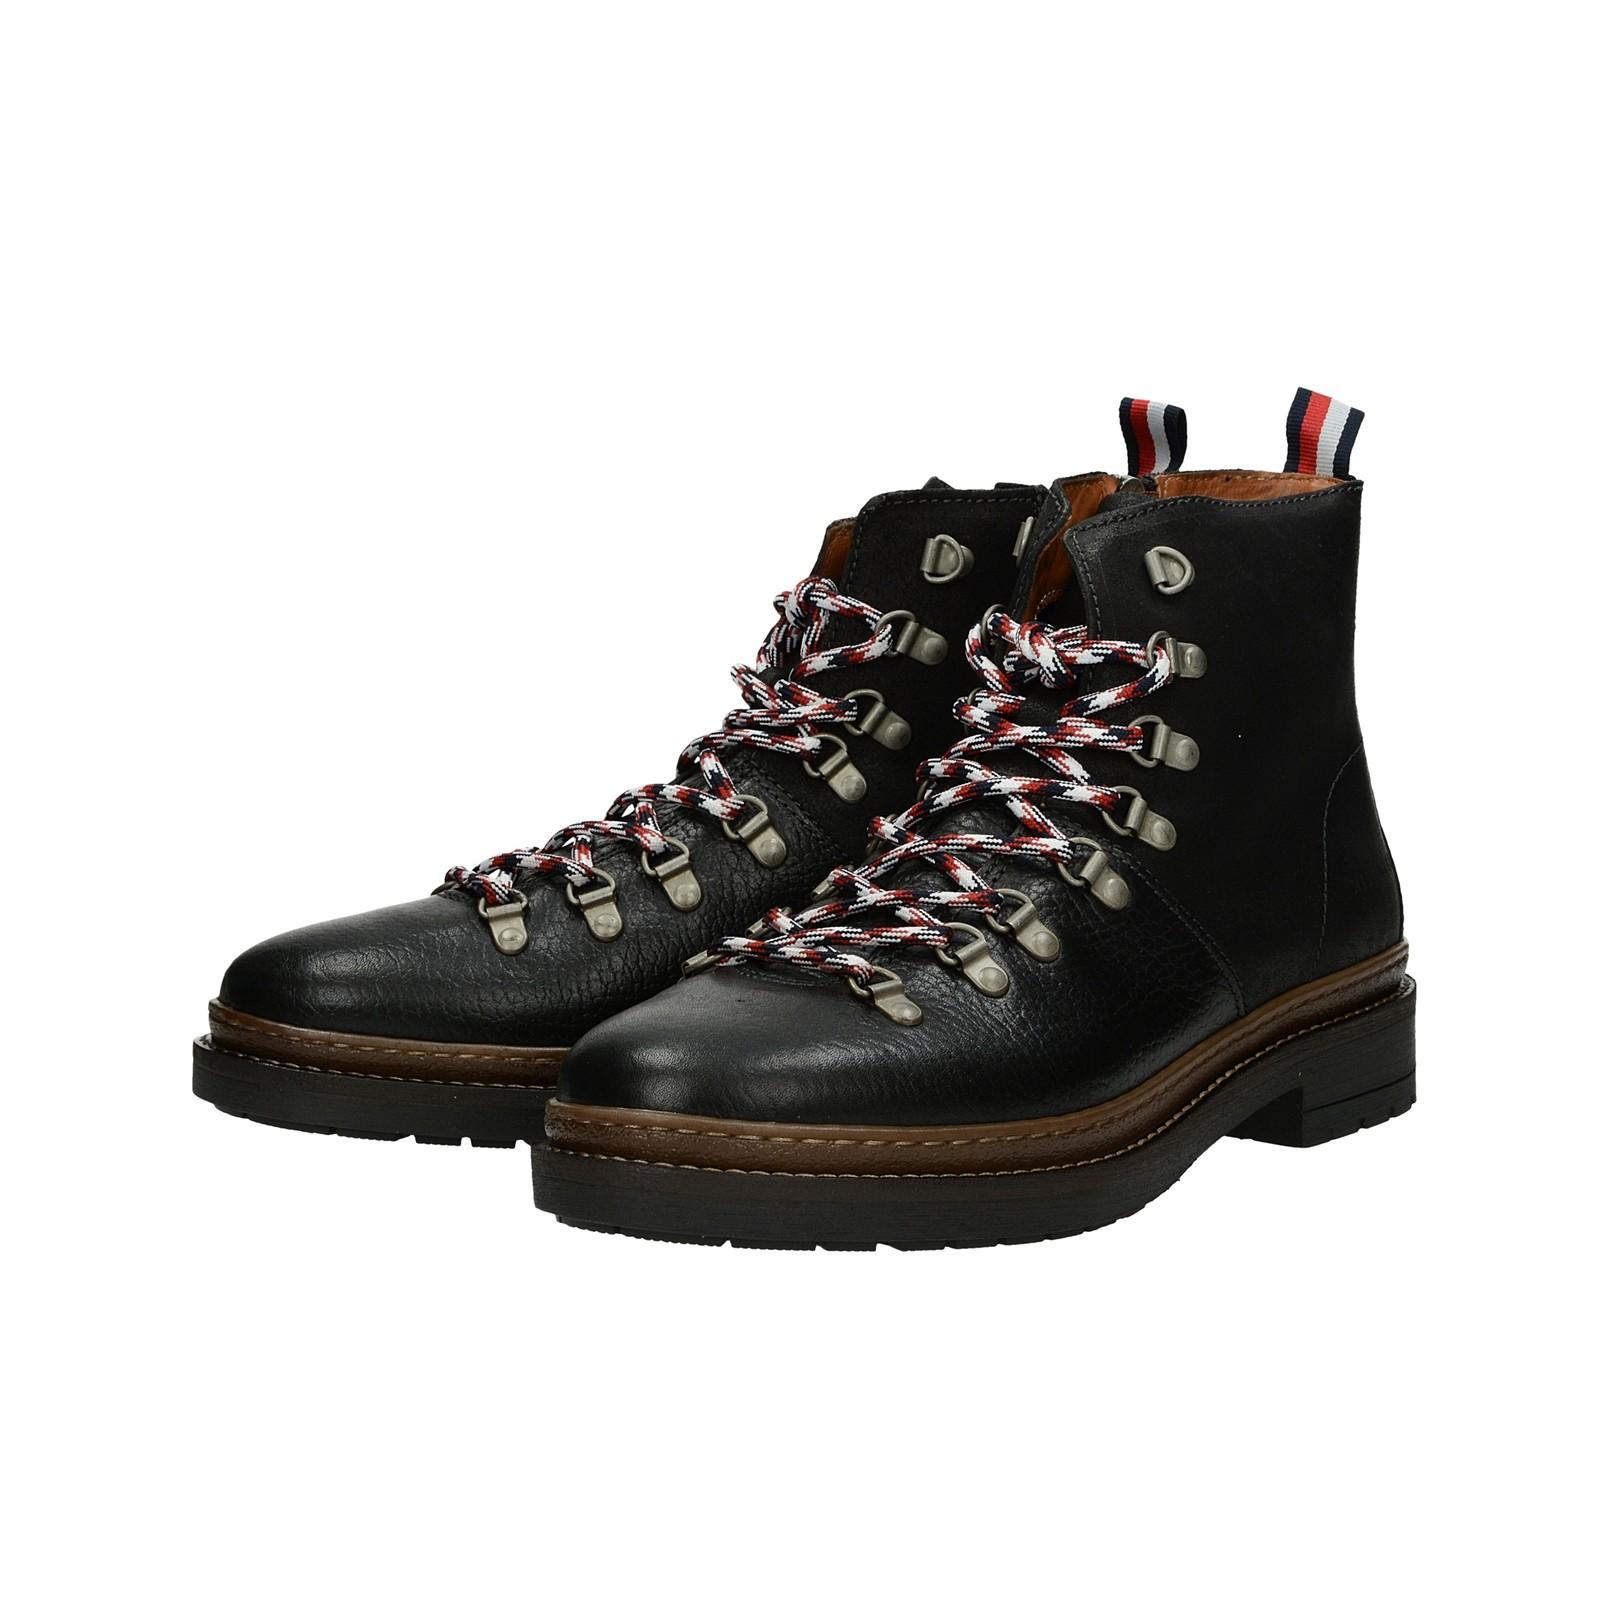 ... Tommy Hilfiger pánská kožená kotníková obuv - černá ... b975ec00a6